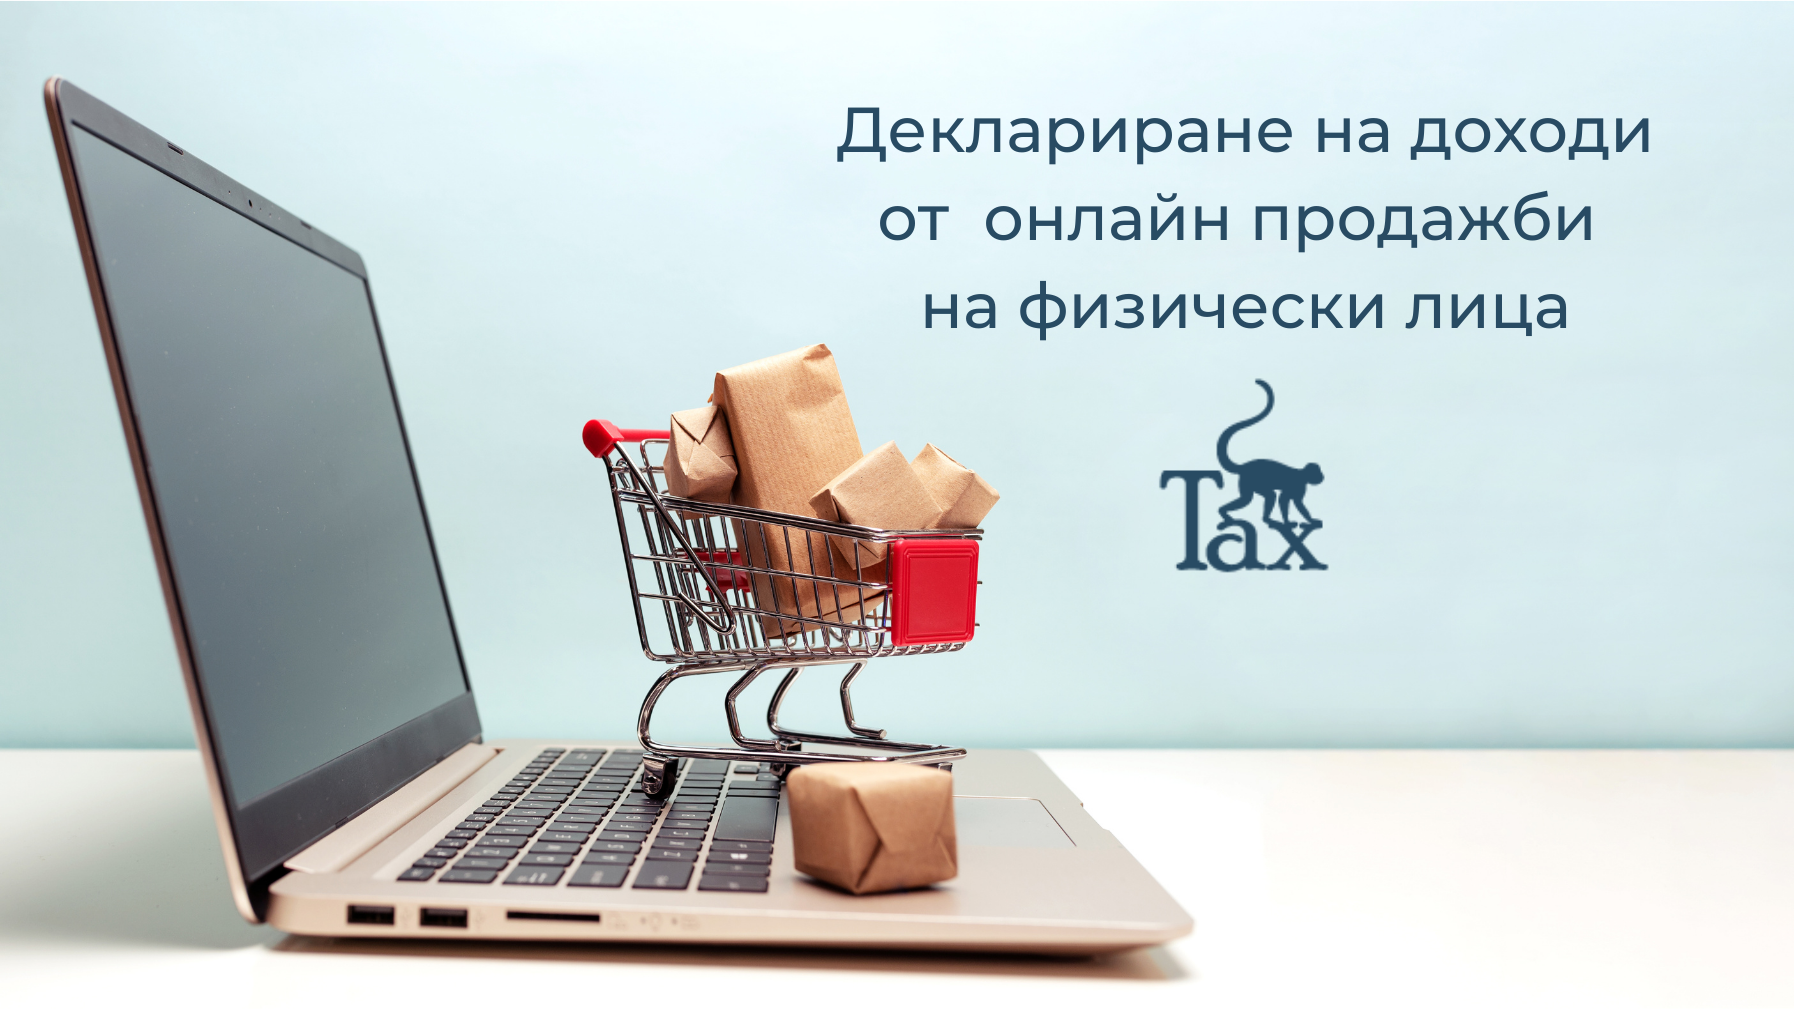 доходи от онлайн продажби